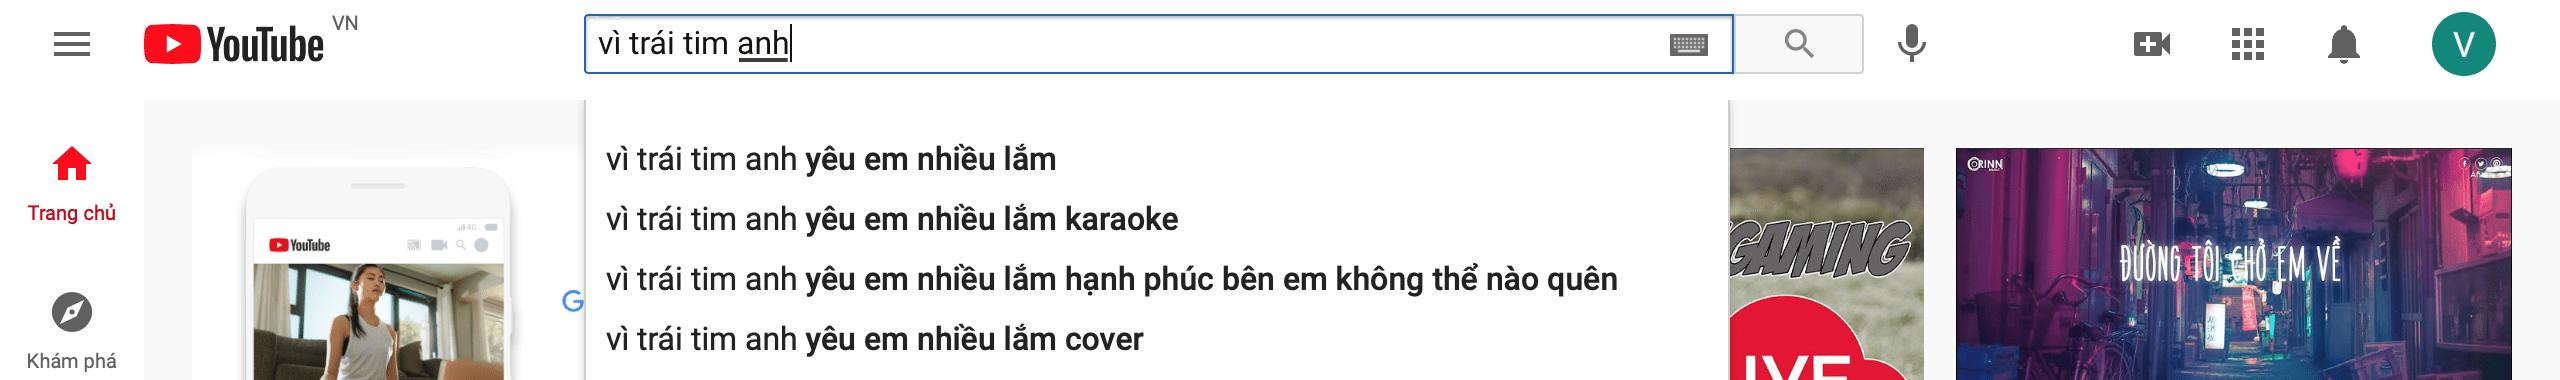 Tìm kiếm nhạc trên youtube